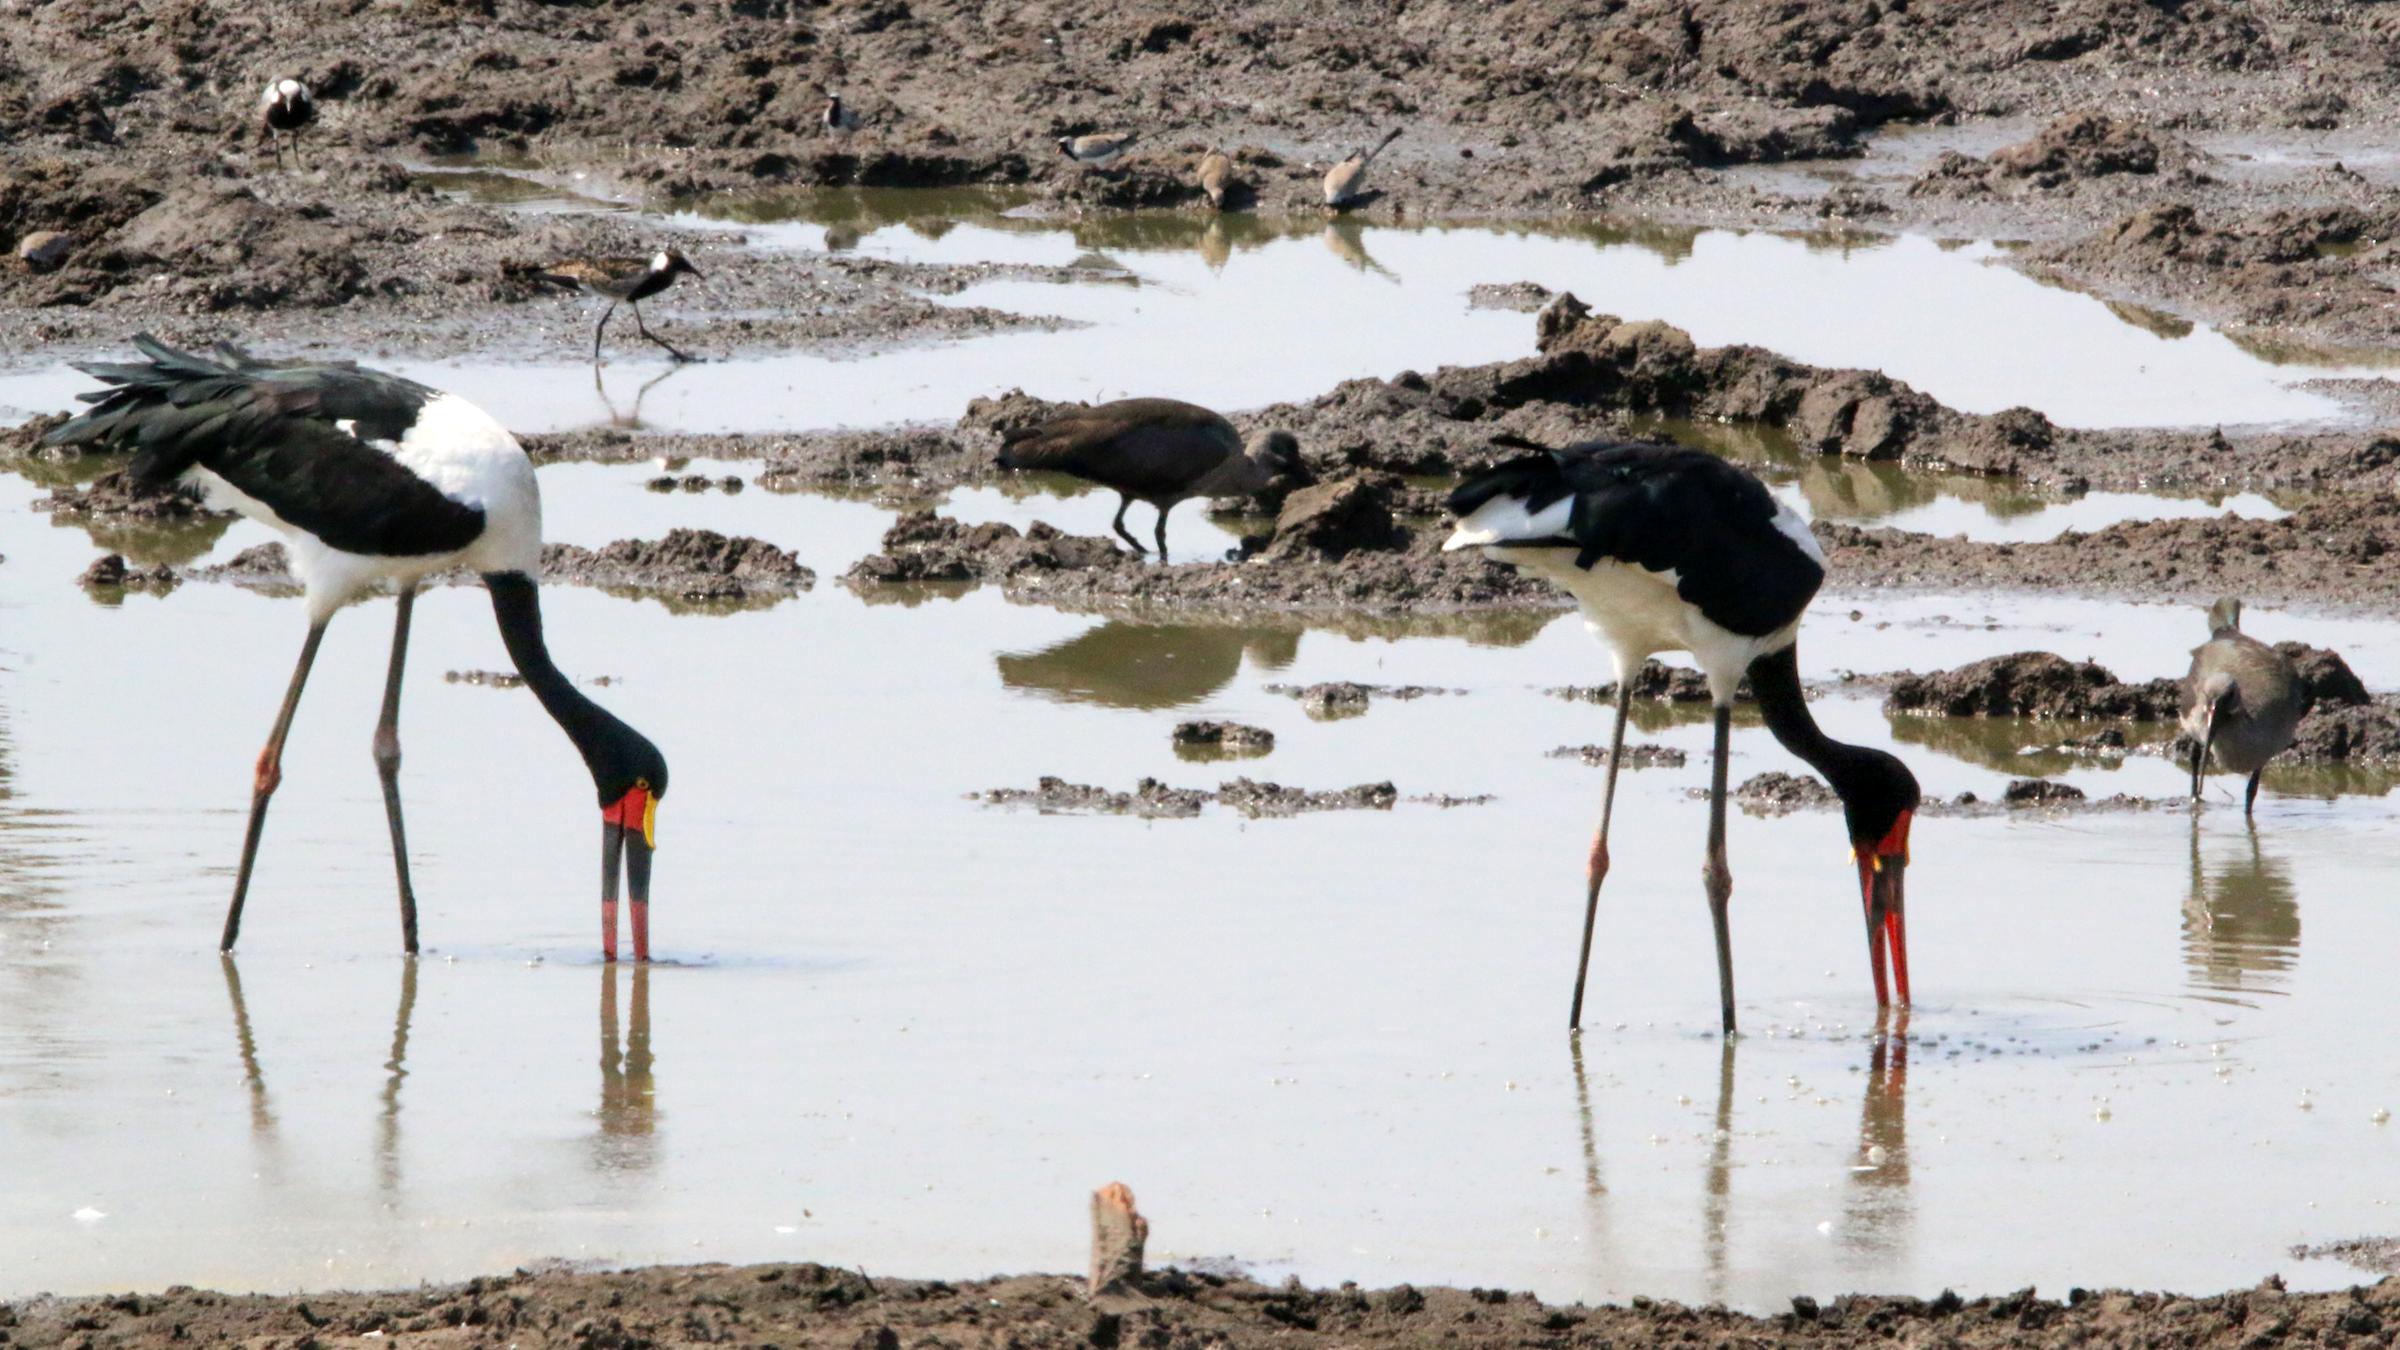 Les cigognes à bec de selle en Afrique se nourrissent avec leur bec en partie sous l'eau.  Peut-être que le Spinosaurus a chassé de la même manière.